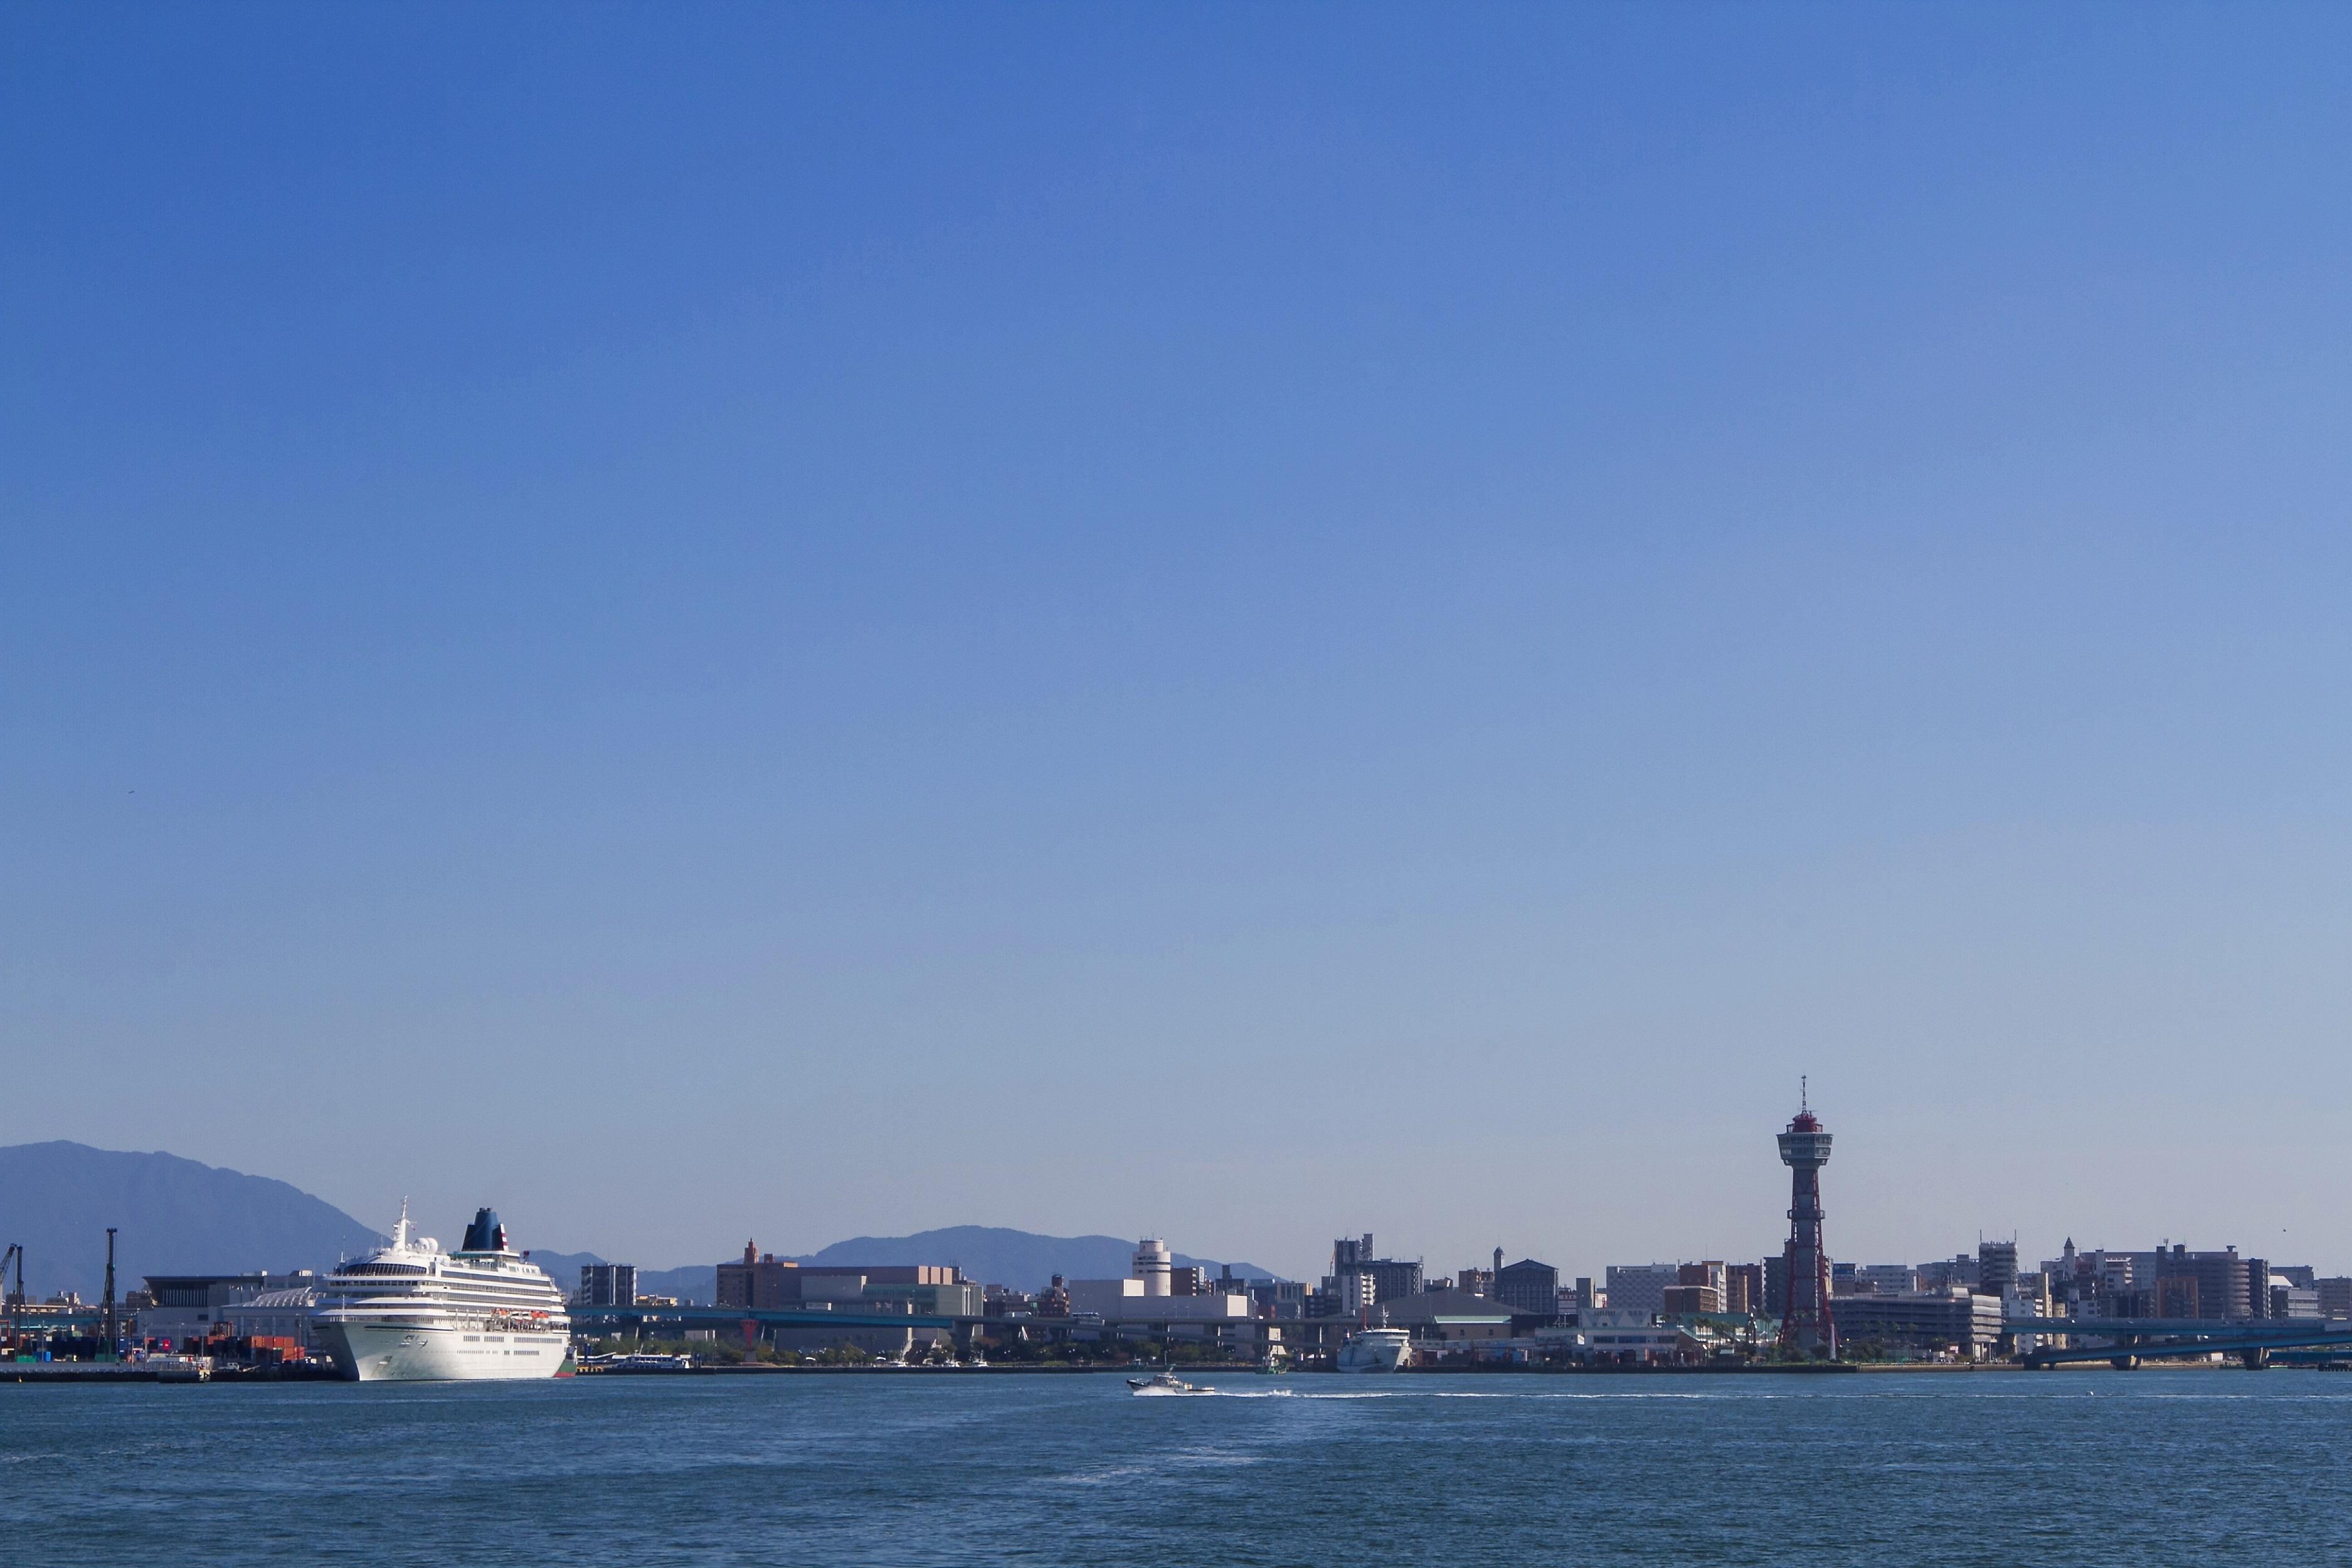 博多港とクルーズ船 飛鳥Ⅱ(2014)の画像